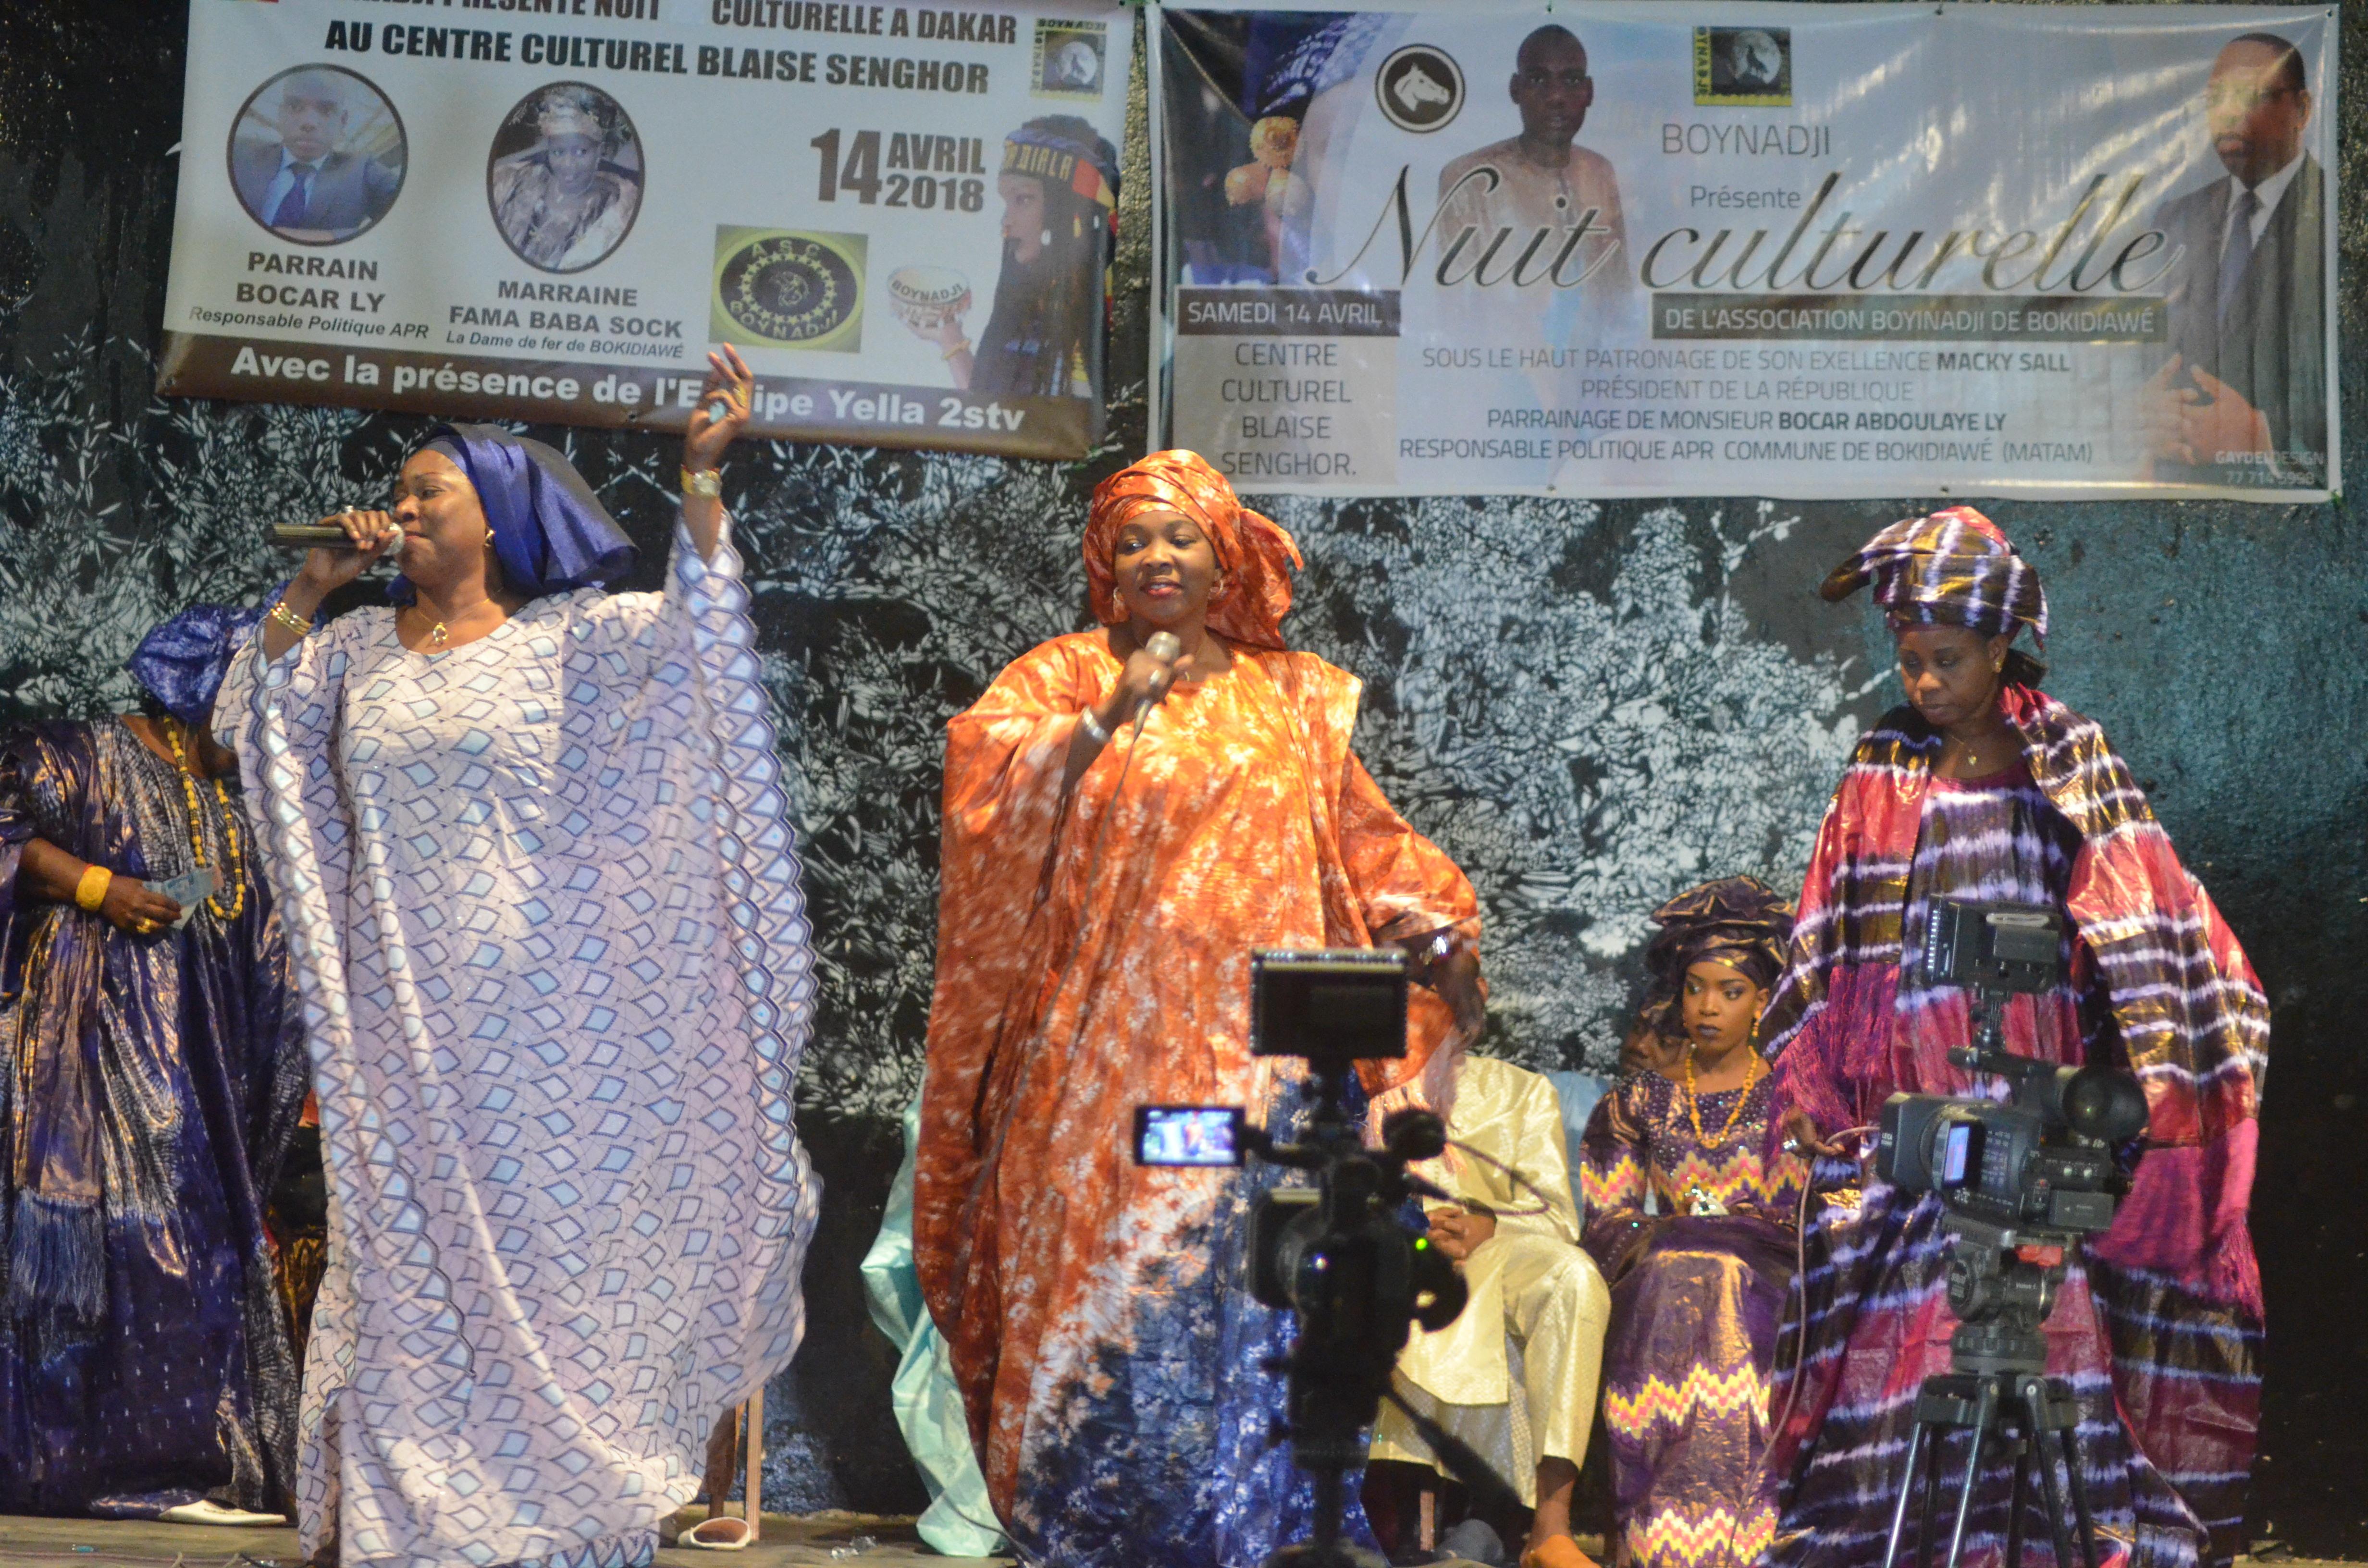 Première Edition soirée culturelle de l'Association Boyinadji Ma fierté de Bokidiawé, le parrain Bocar Abdoulaye Ly appelle à l'union des cœurs (28)